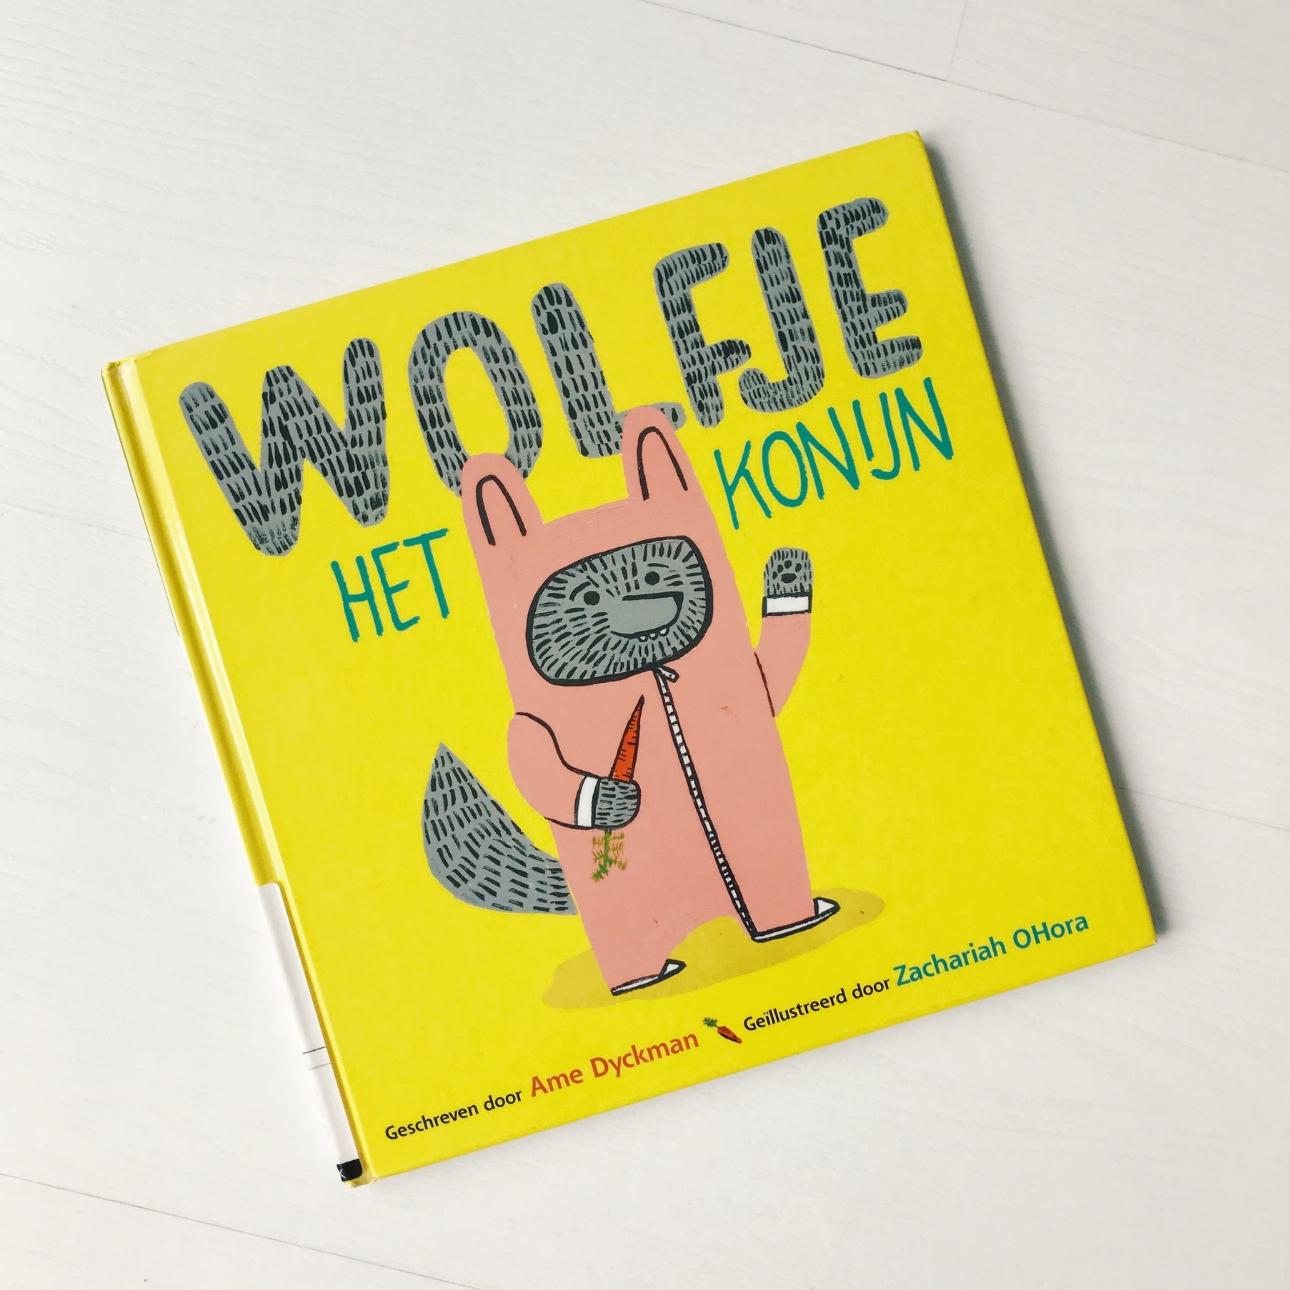 prentenboek wolfje het konijn